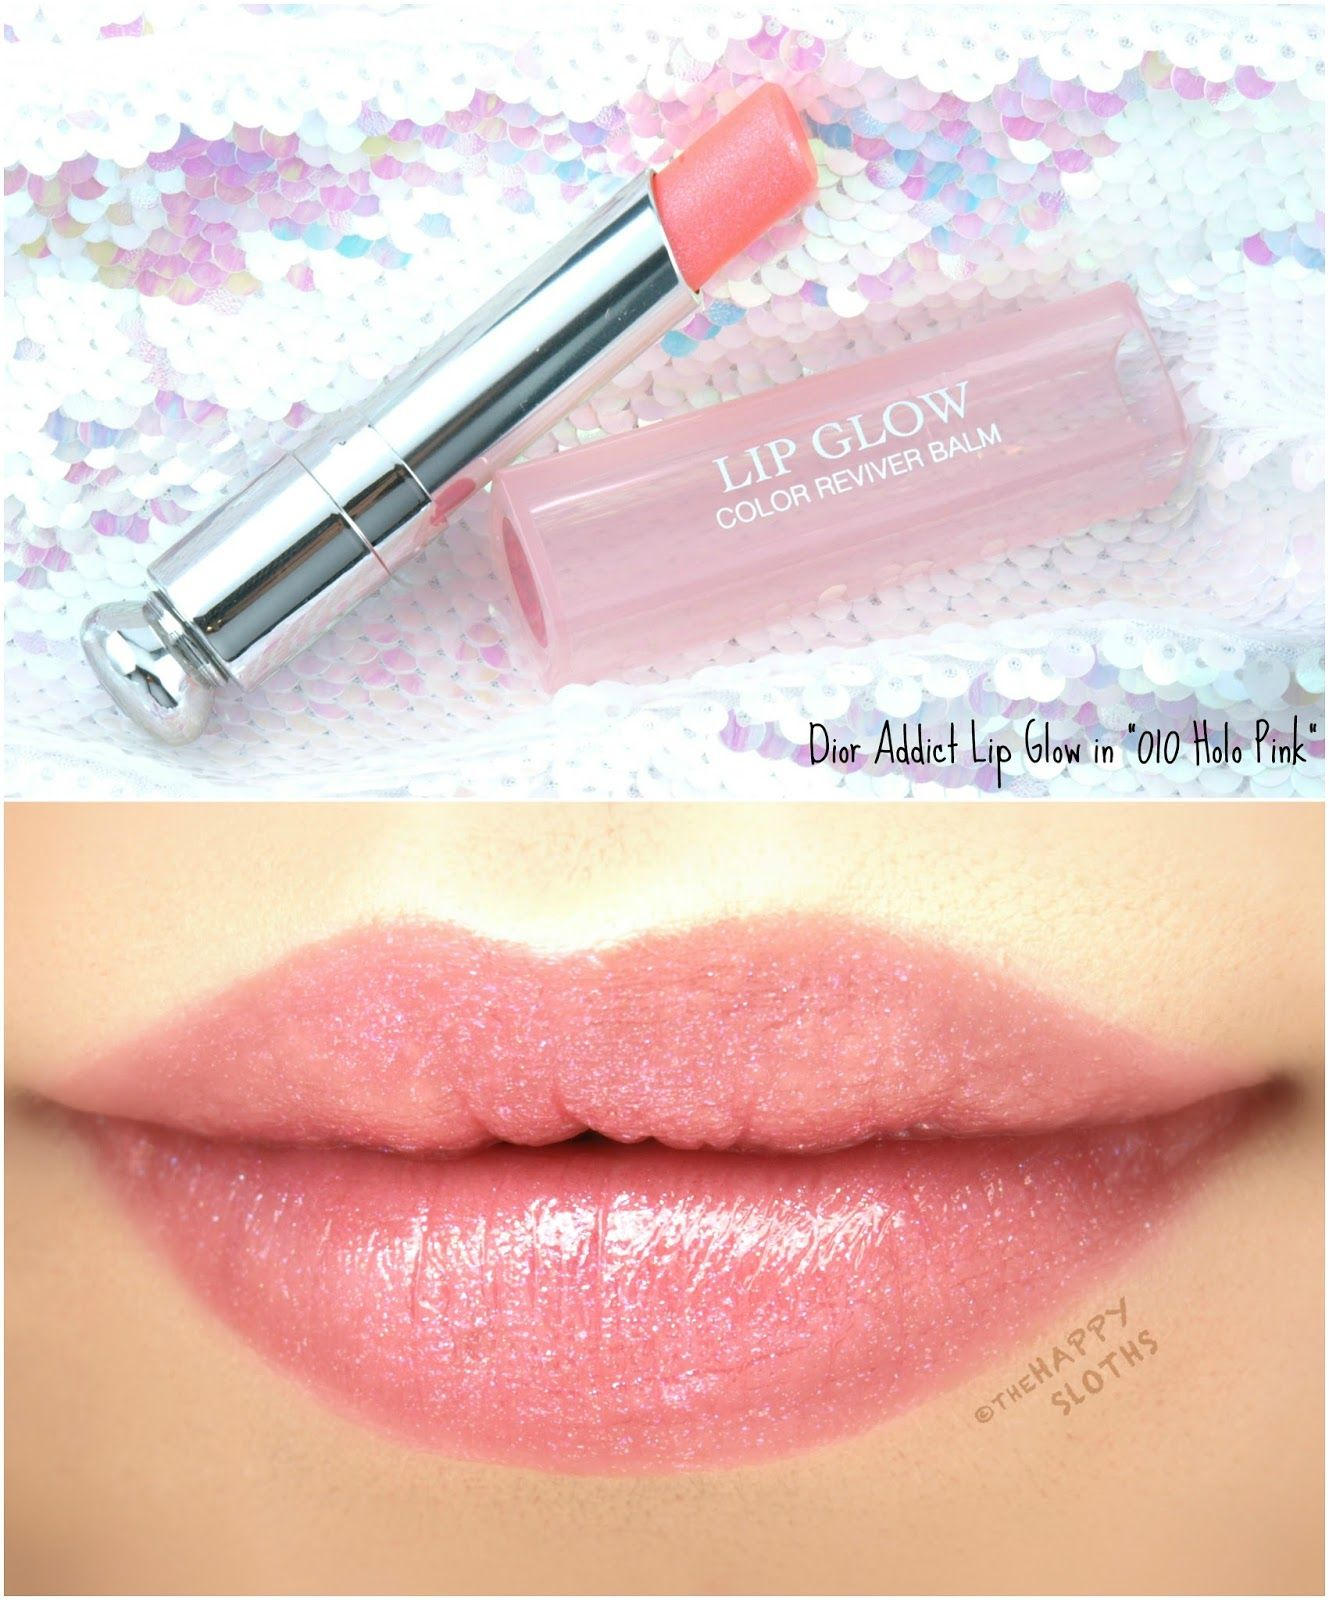 5733df01e6 Dior Addict Lip Glow Color Reviver Balm in